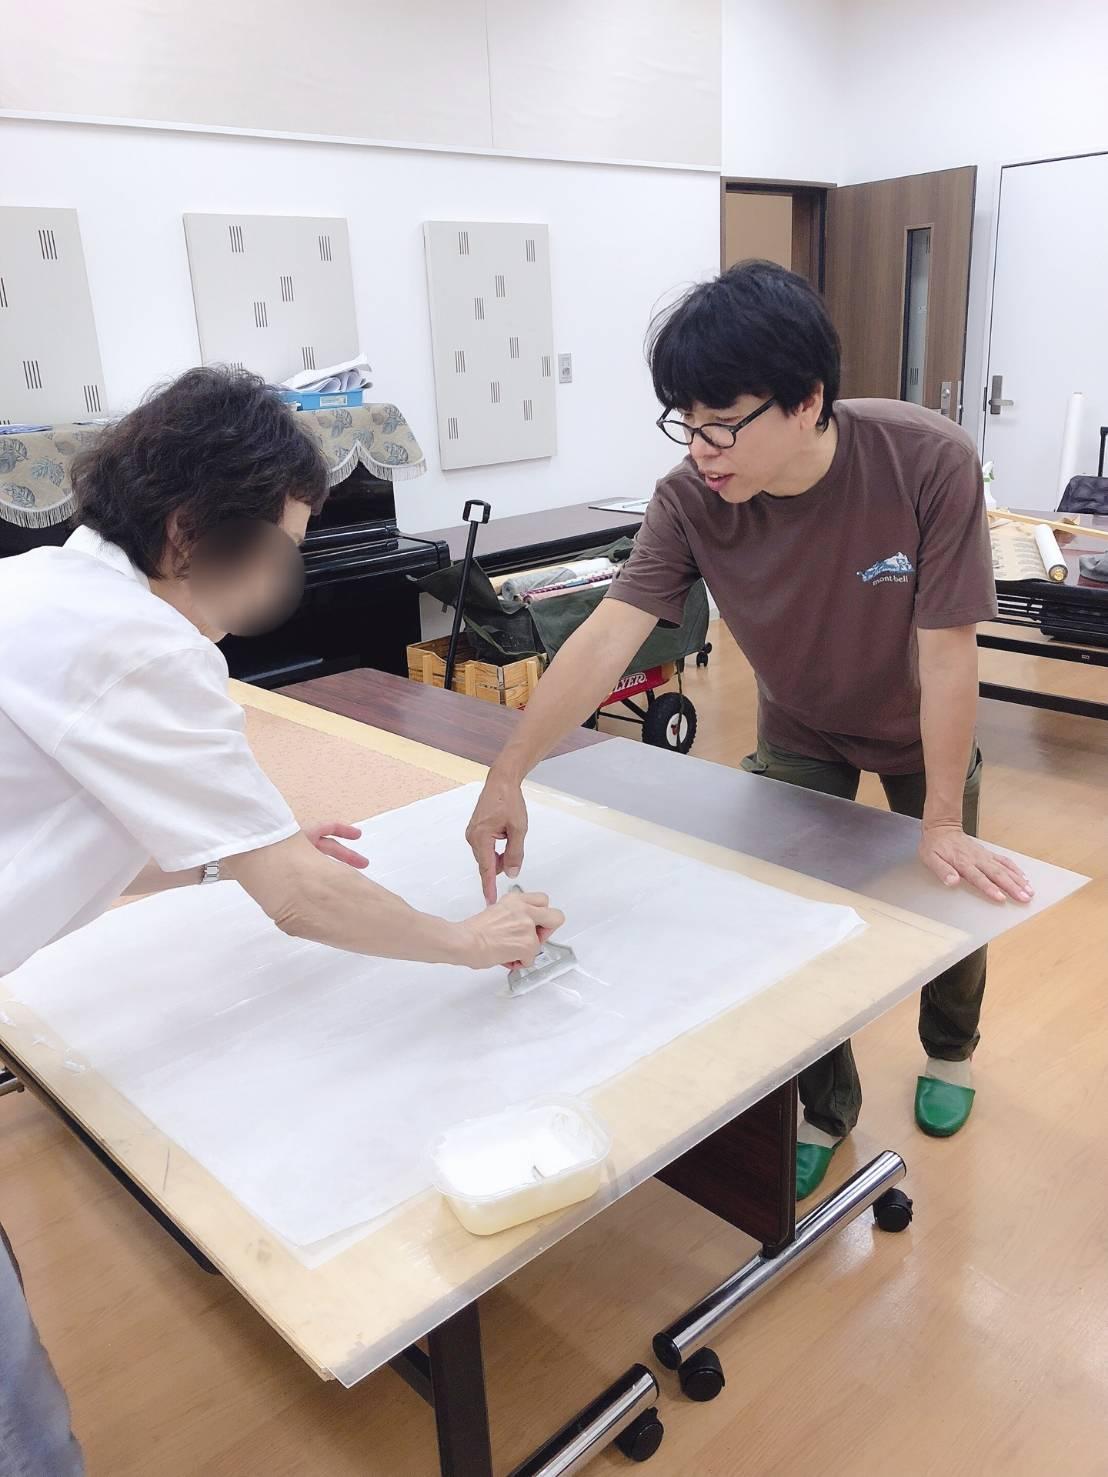 【三木校】通期:楽しい表装セミナー・日曜クラス 20/04/05~20/10/04